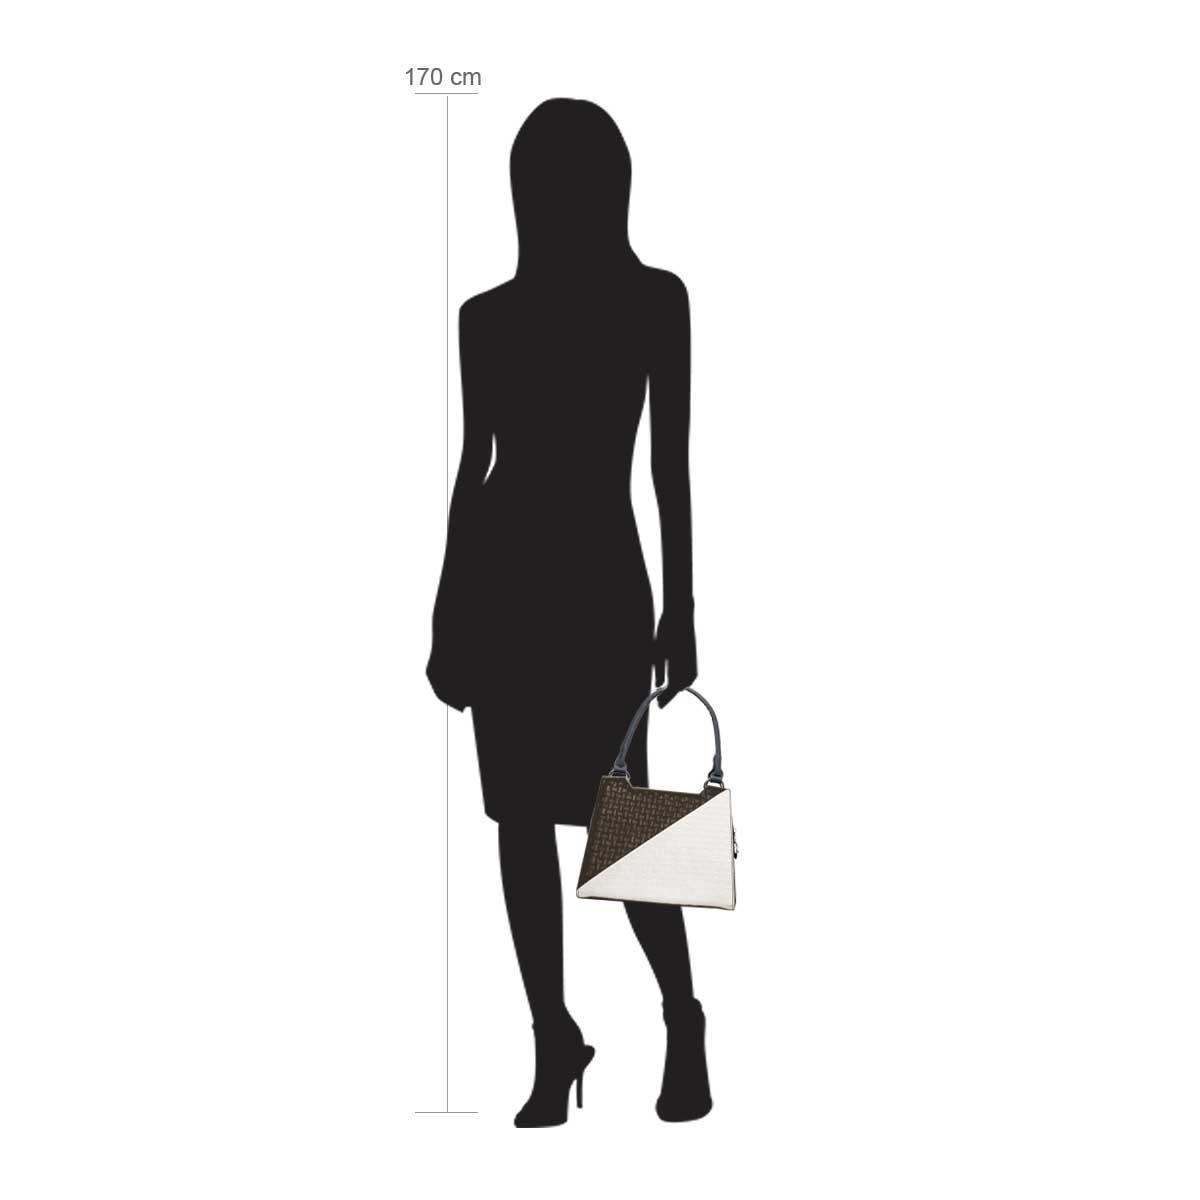 Modellpuppe 170 cm groß zeigt die Handtaschengröße an der Person Modell:Cappuccino